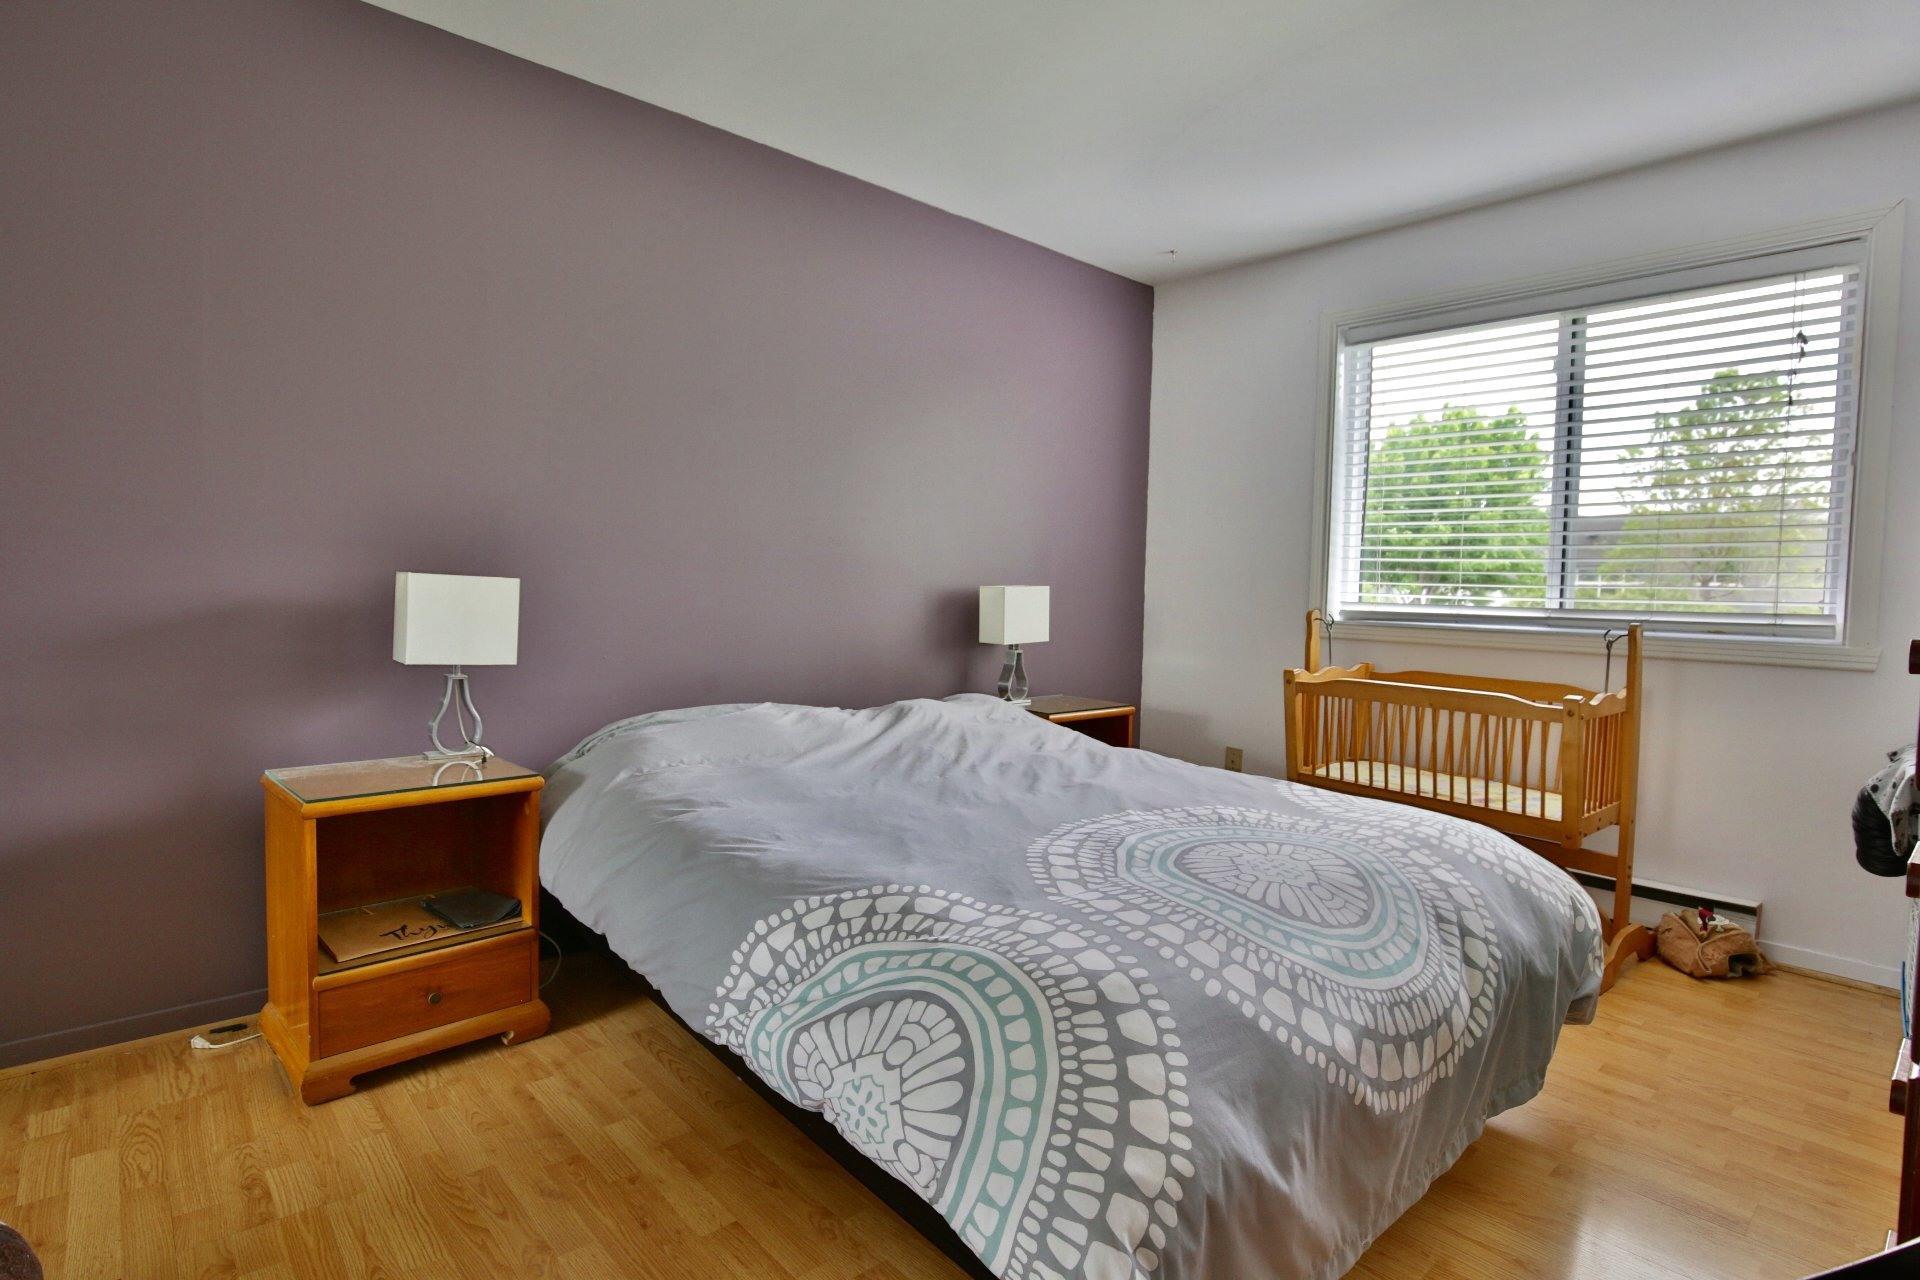 image 12 - Appartement À vendre Le Vieux-Longueuil Longueuil  - 6 pièces